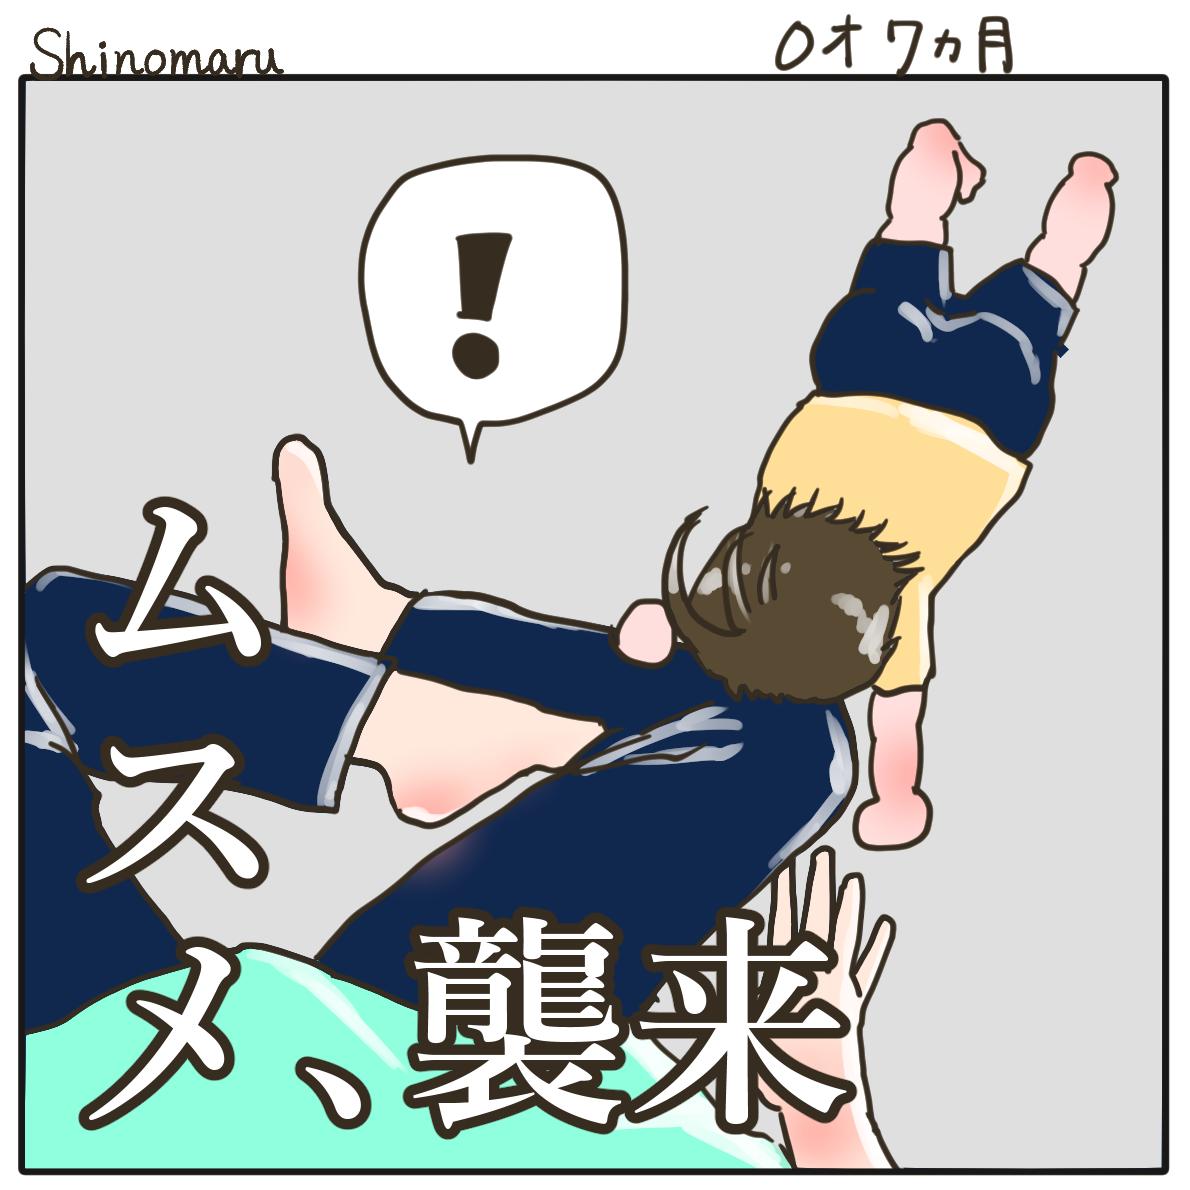 f:id:Shinomaru:20210602214656p:plain